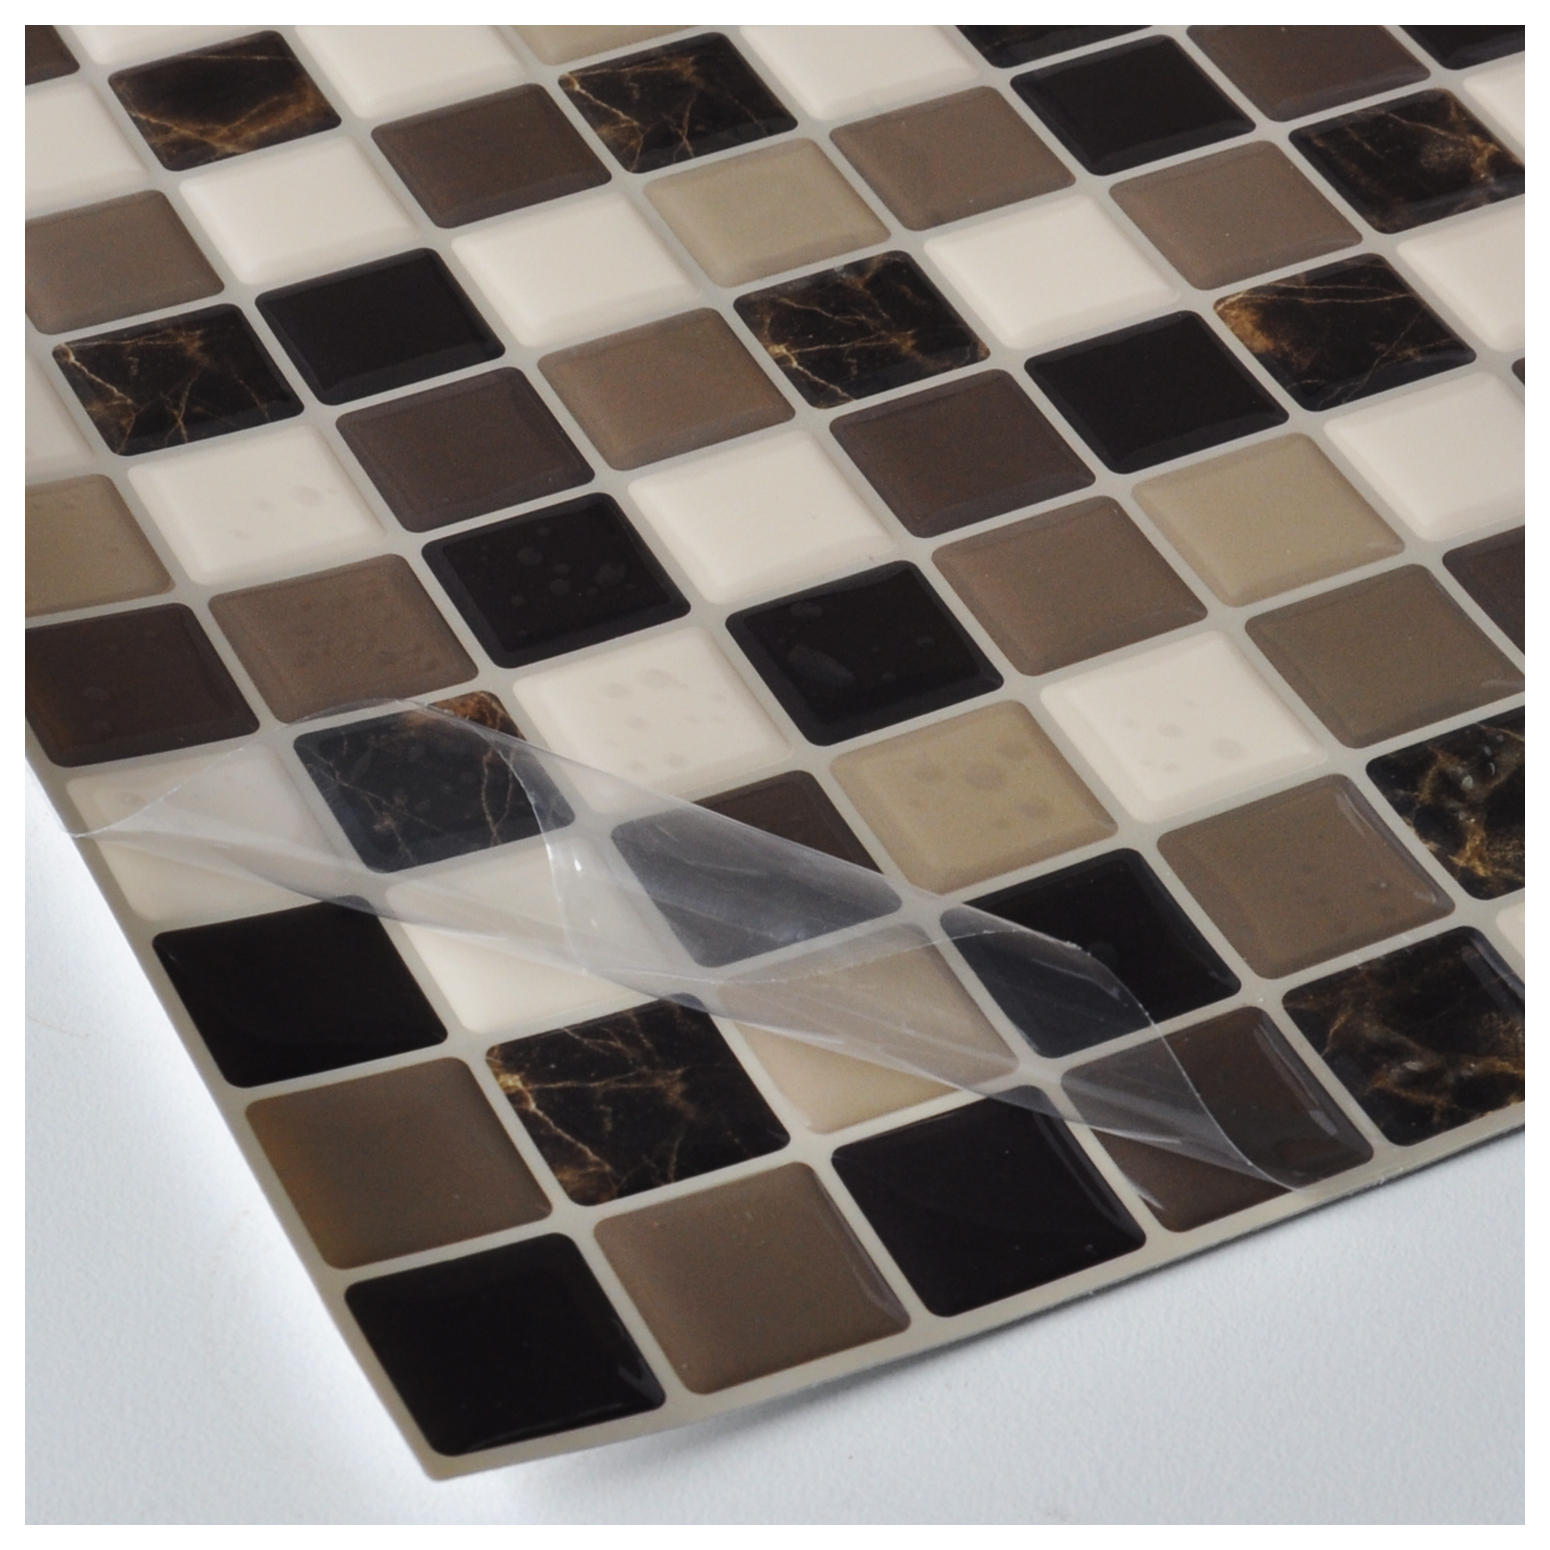 Diy vinyl tile backsplashes for kitchen marble square for Vinyl tiles for kitchen